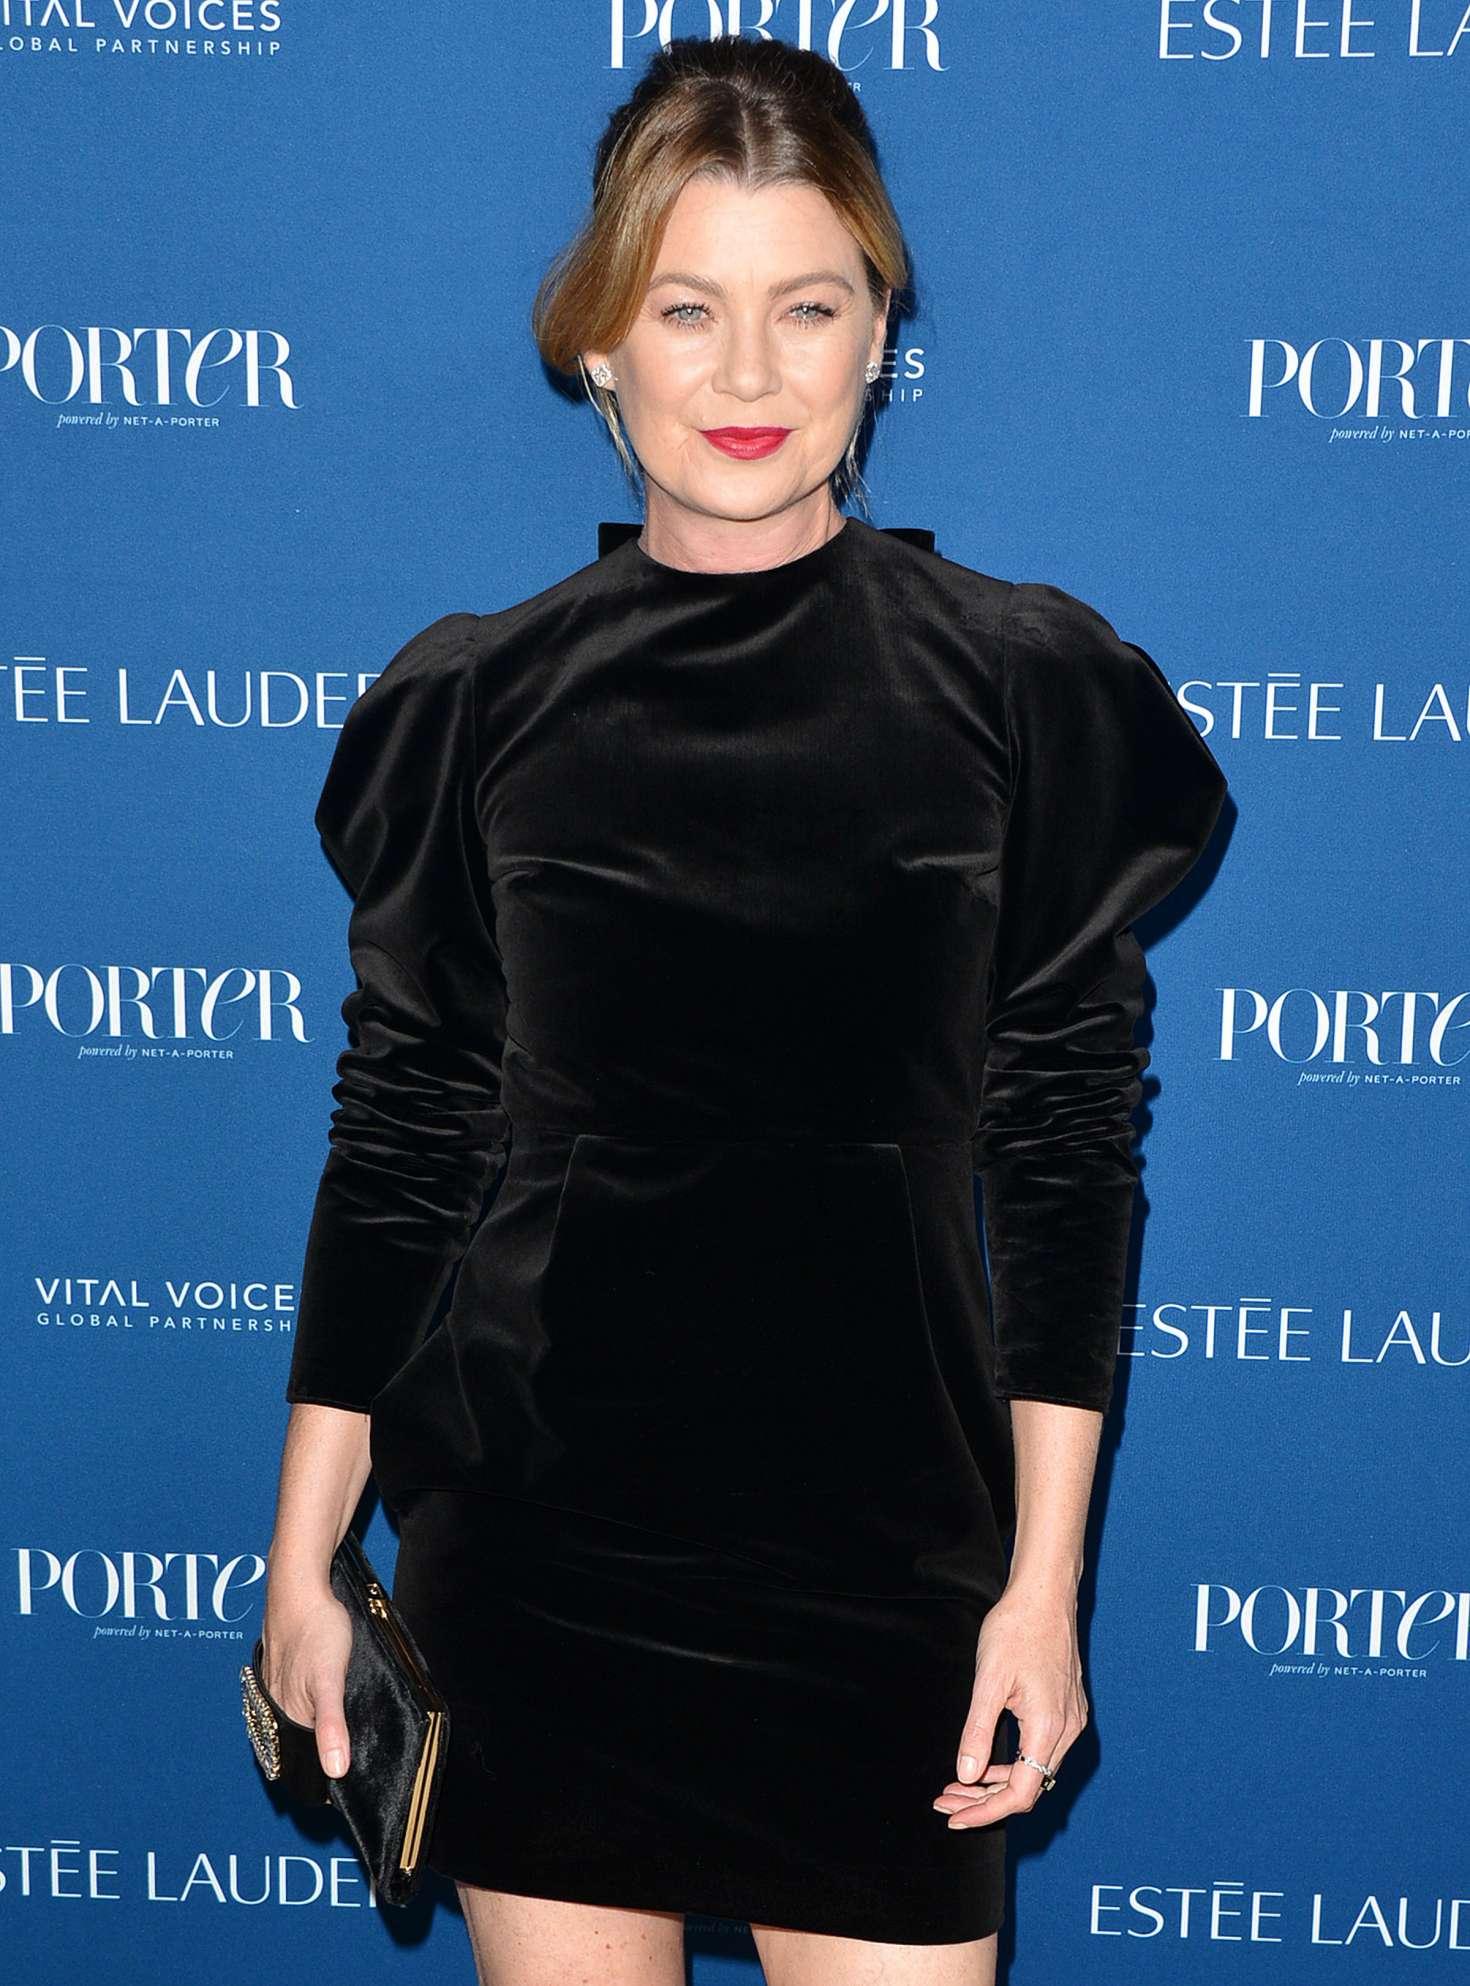 Ellen Pompeo - Porter's 3rd Annual Incredible Women Gala in LA